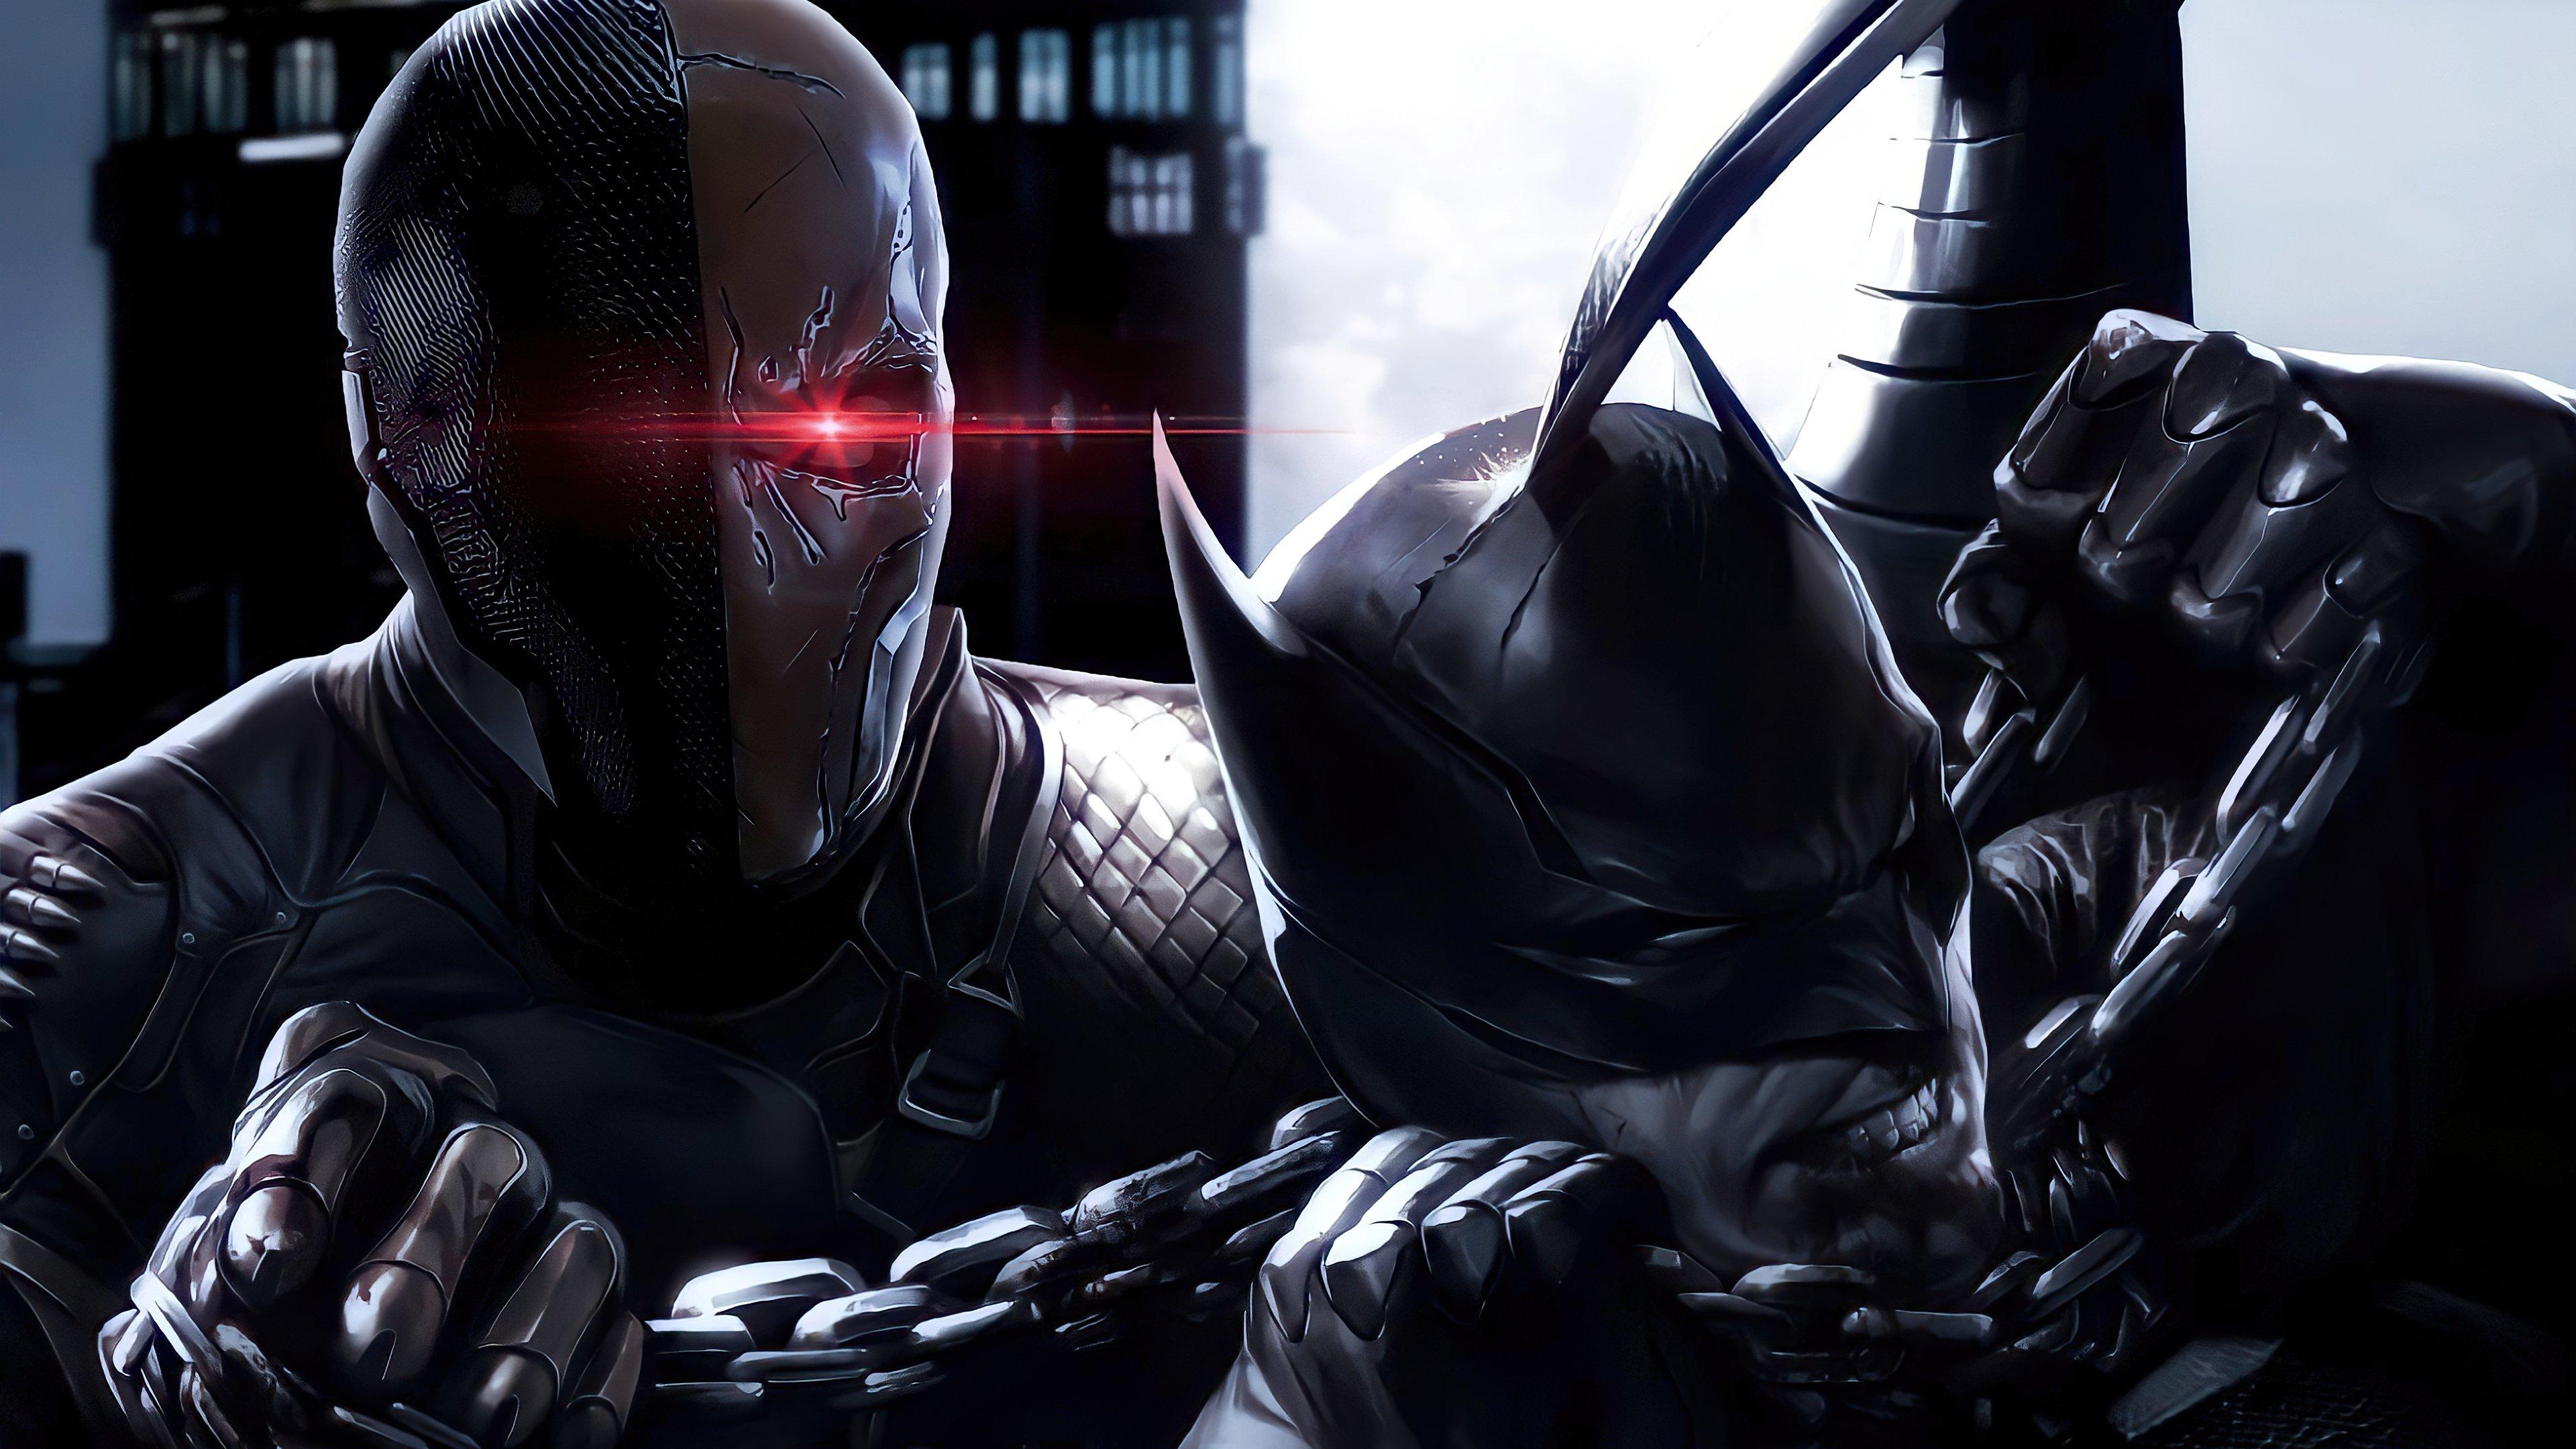 Wallpaper Batman vs Deathstroke